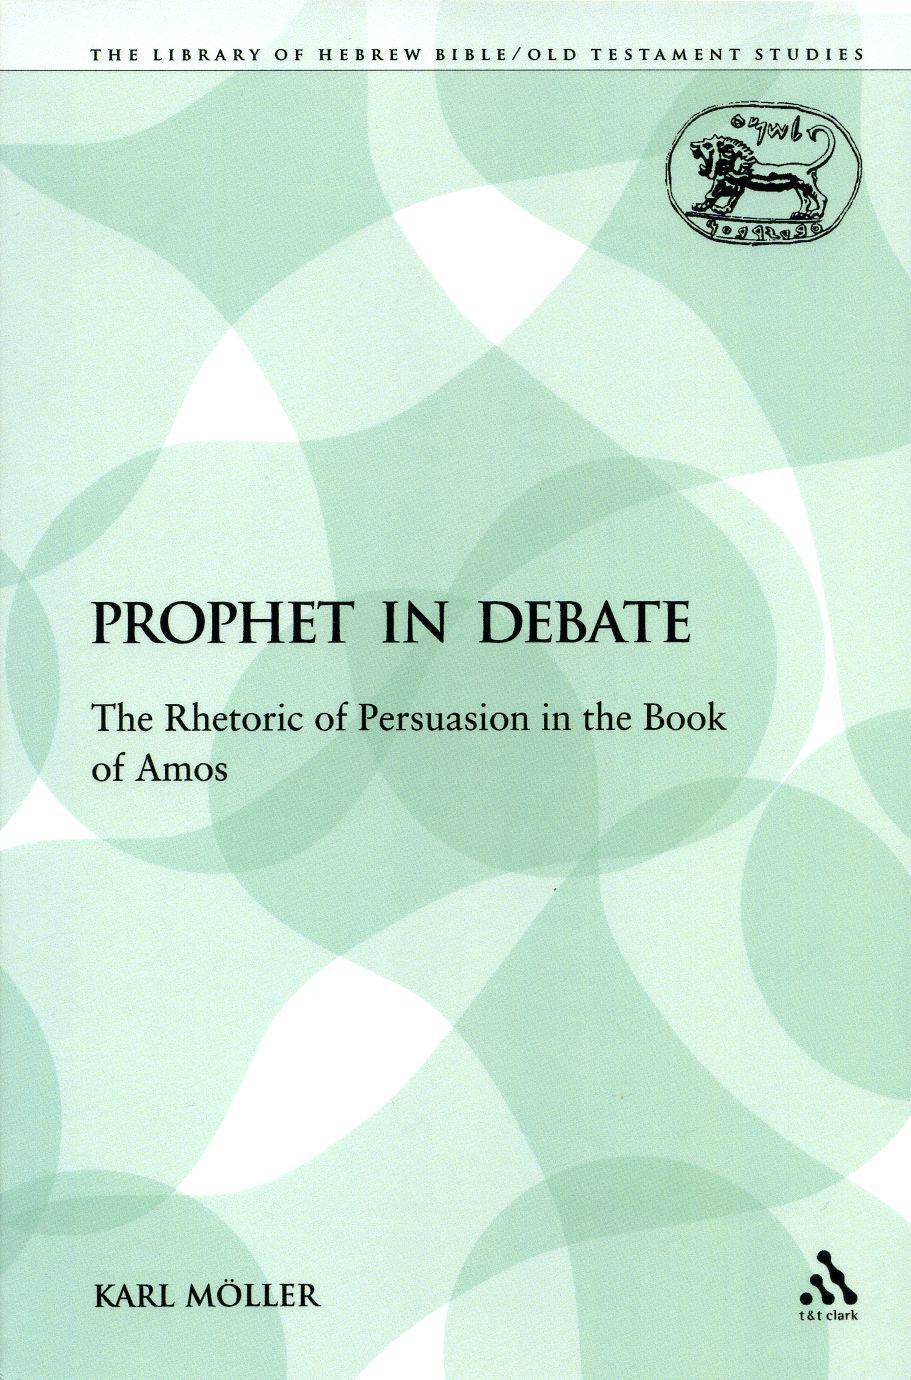 Karl Möller A Prophet In Debate